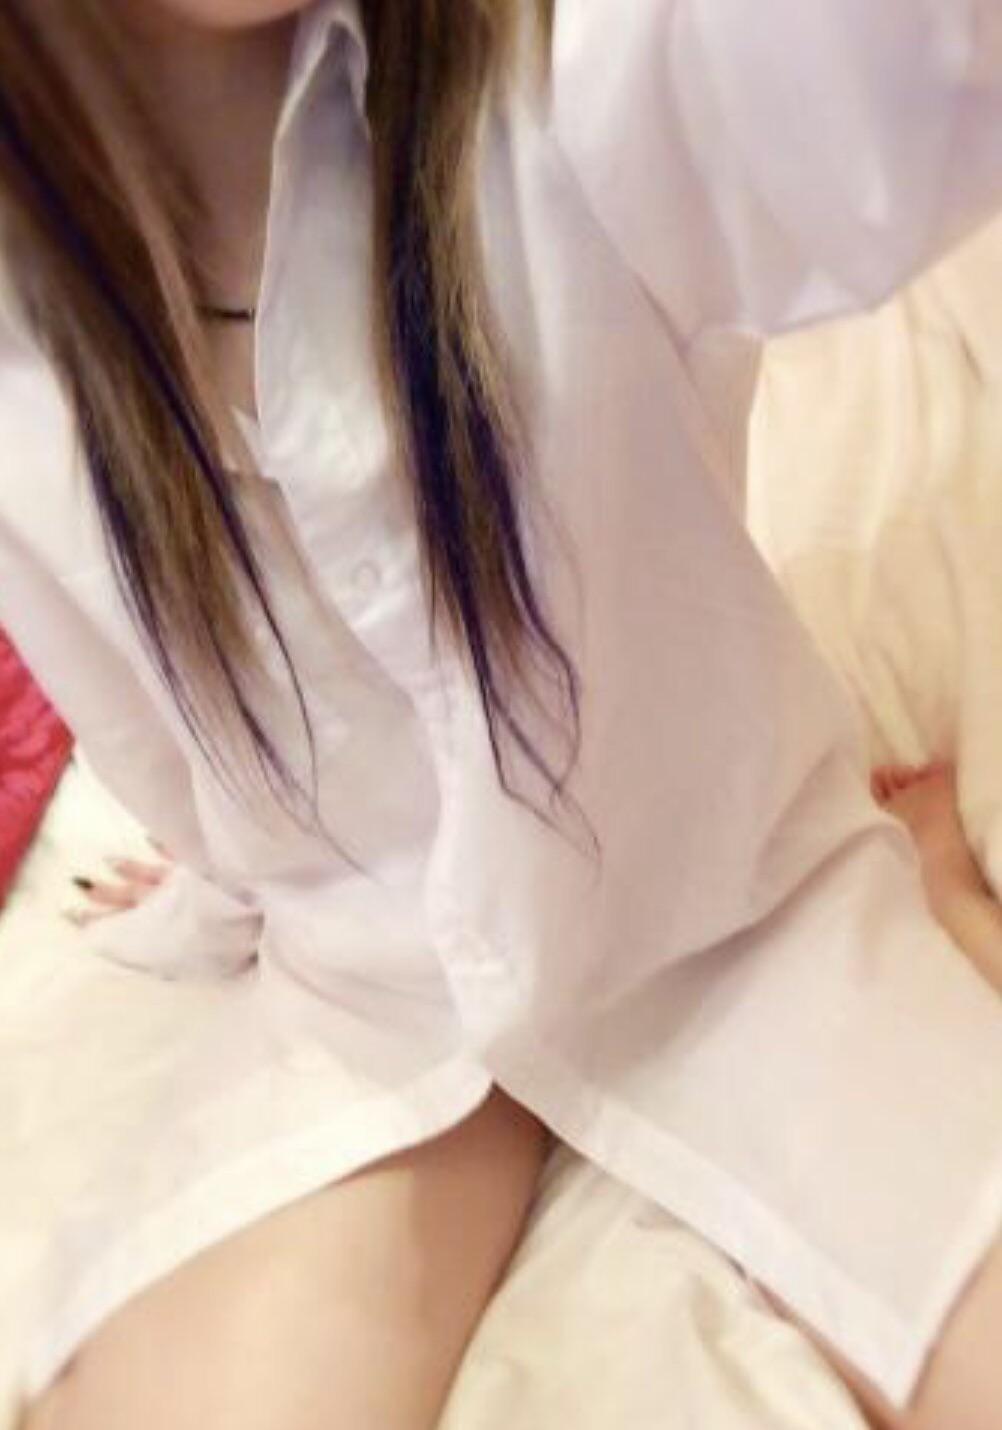 「ヽ(´ー`)ノ」06/15(土) 17:44 | ♡るか♡の写メ・風俗動画